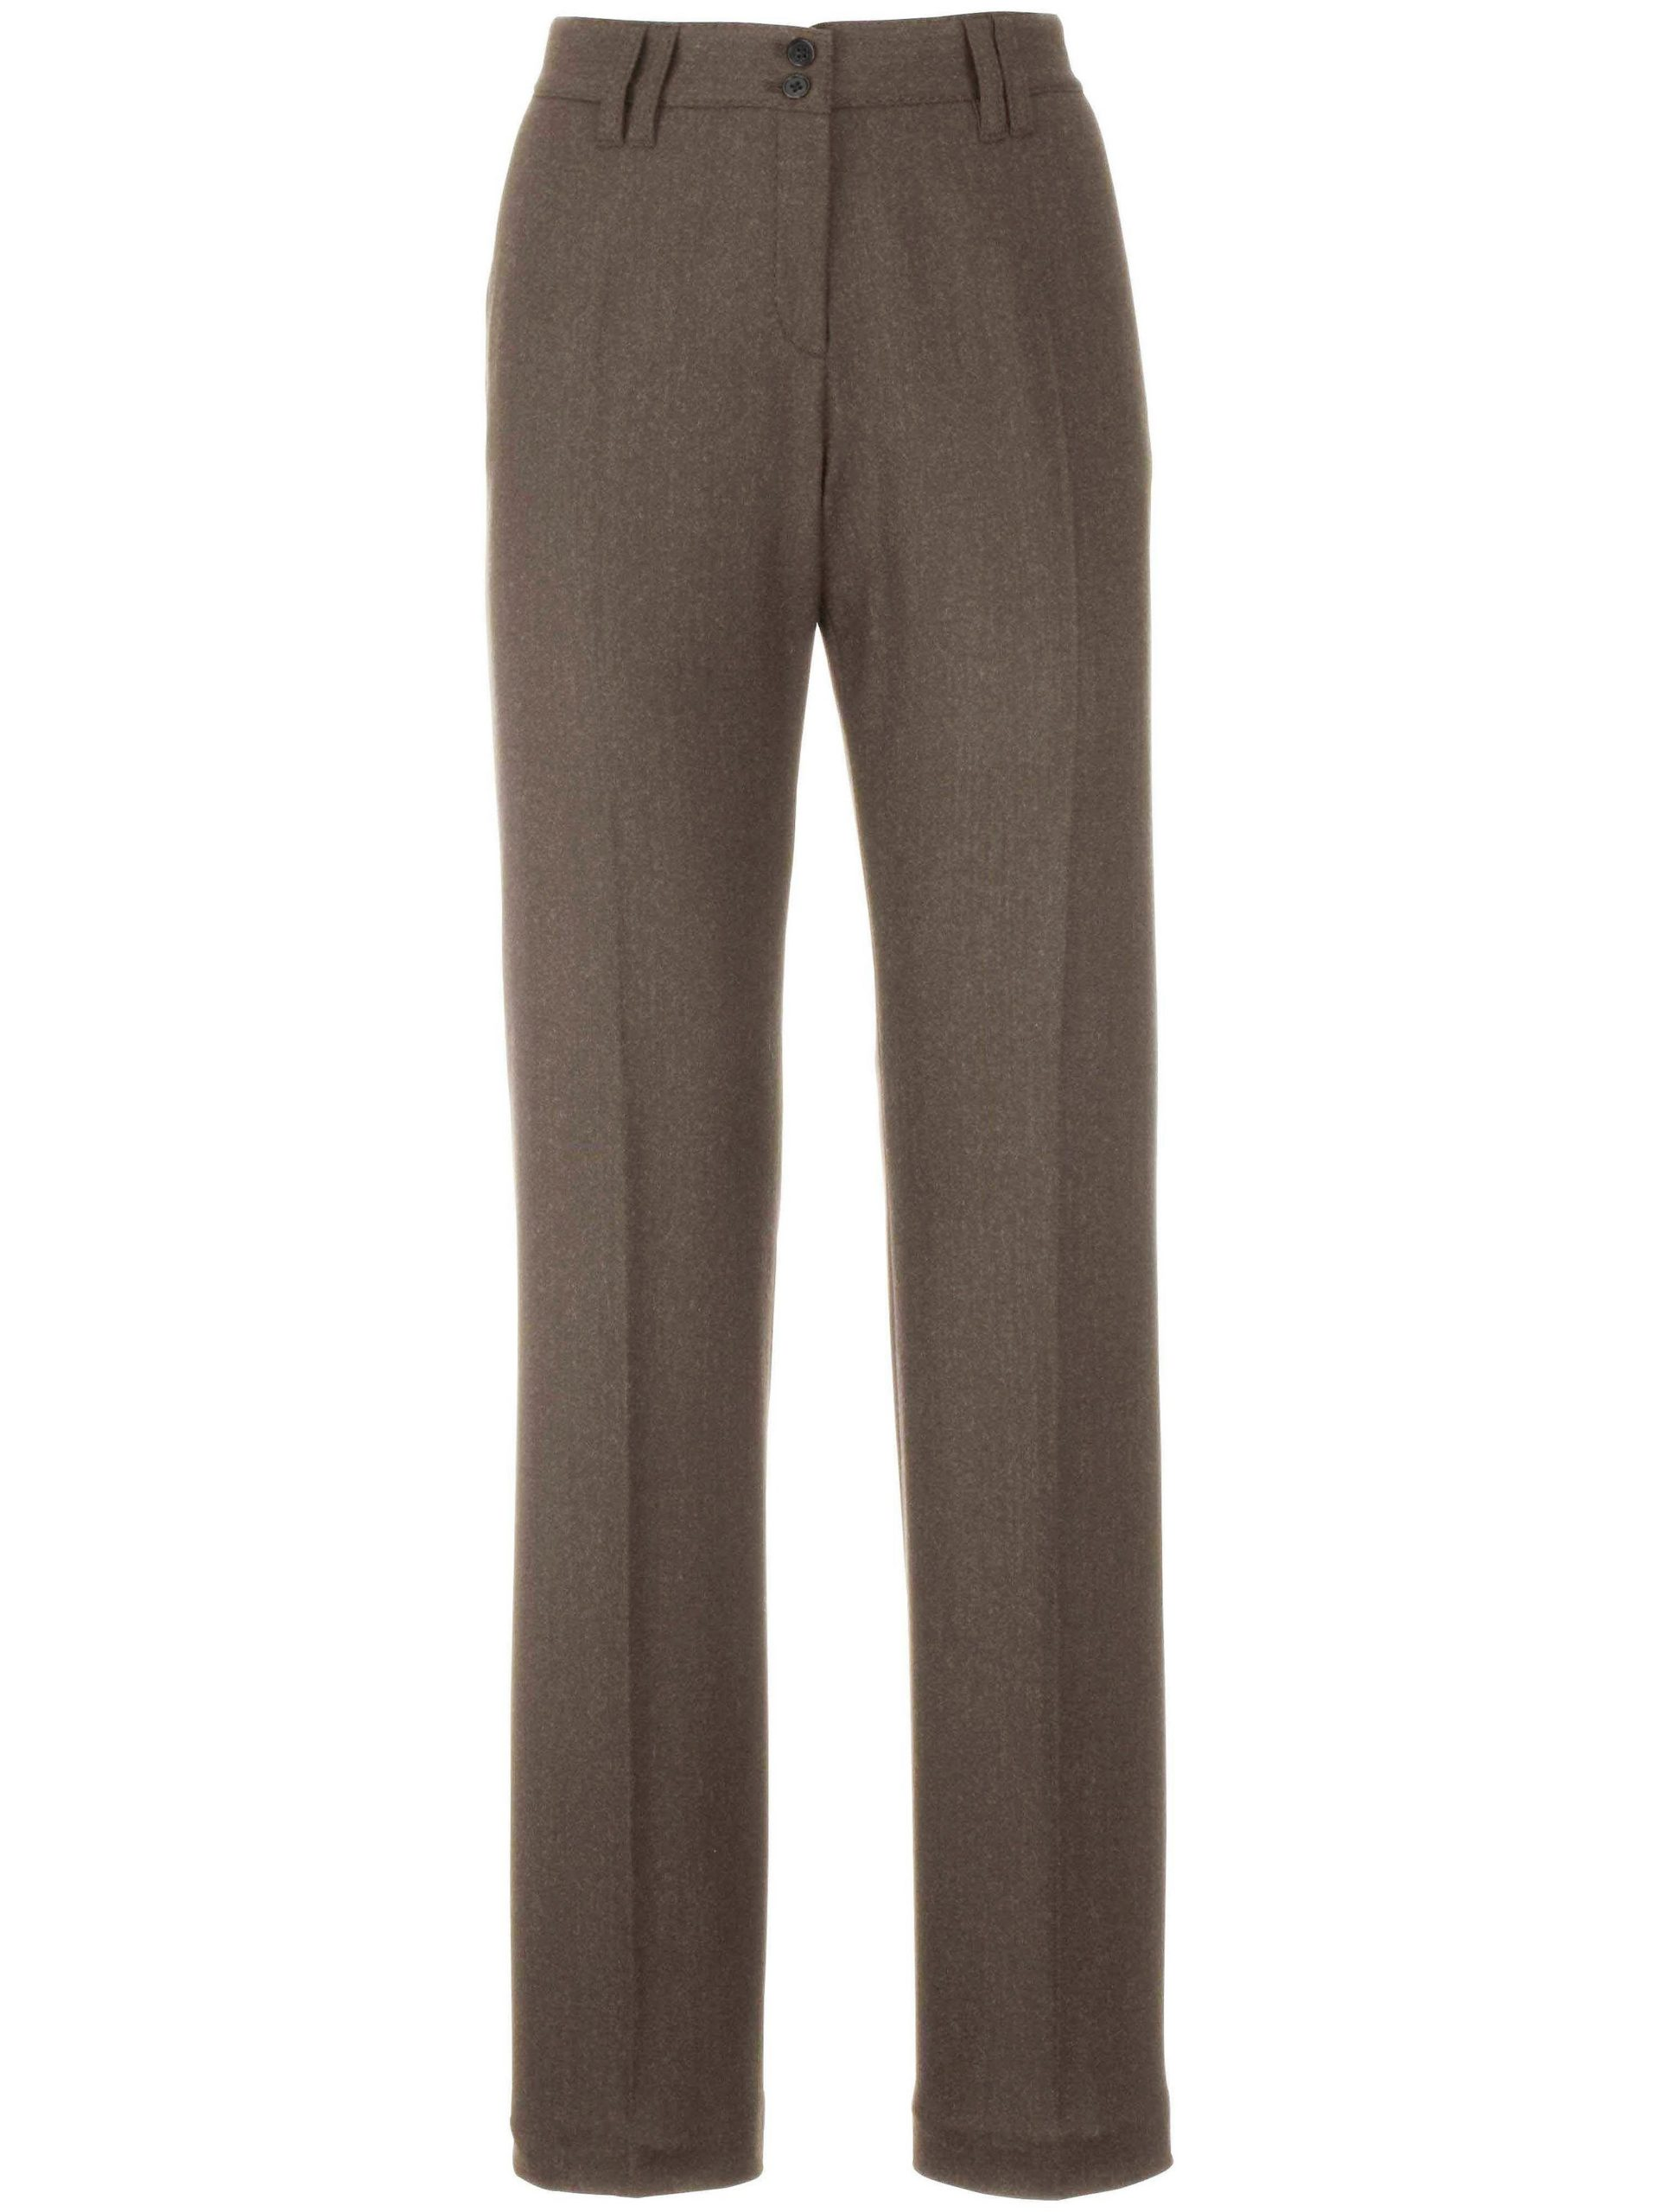 'Regular Fit'-broek Van Brax Feel Good beige Kopen